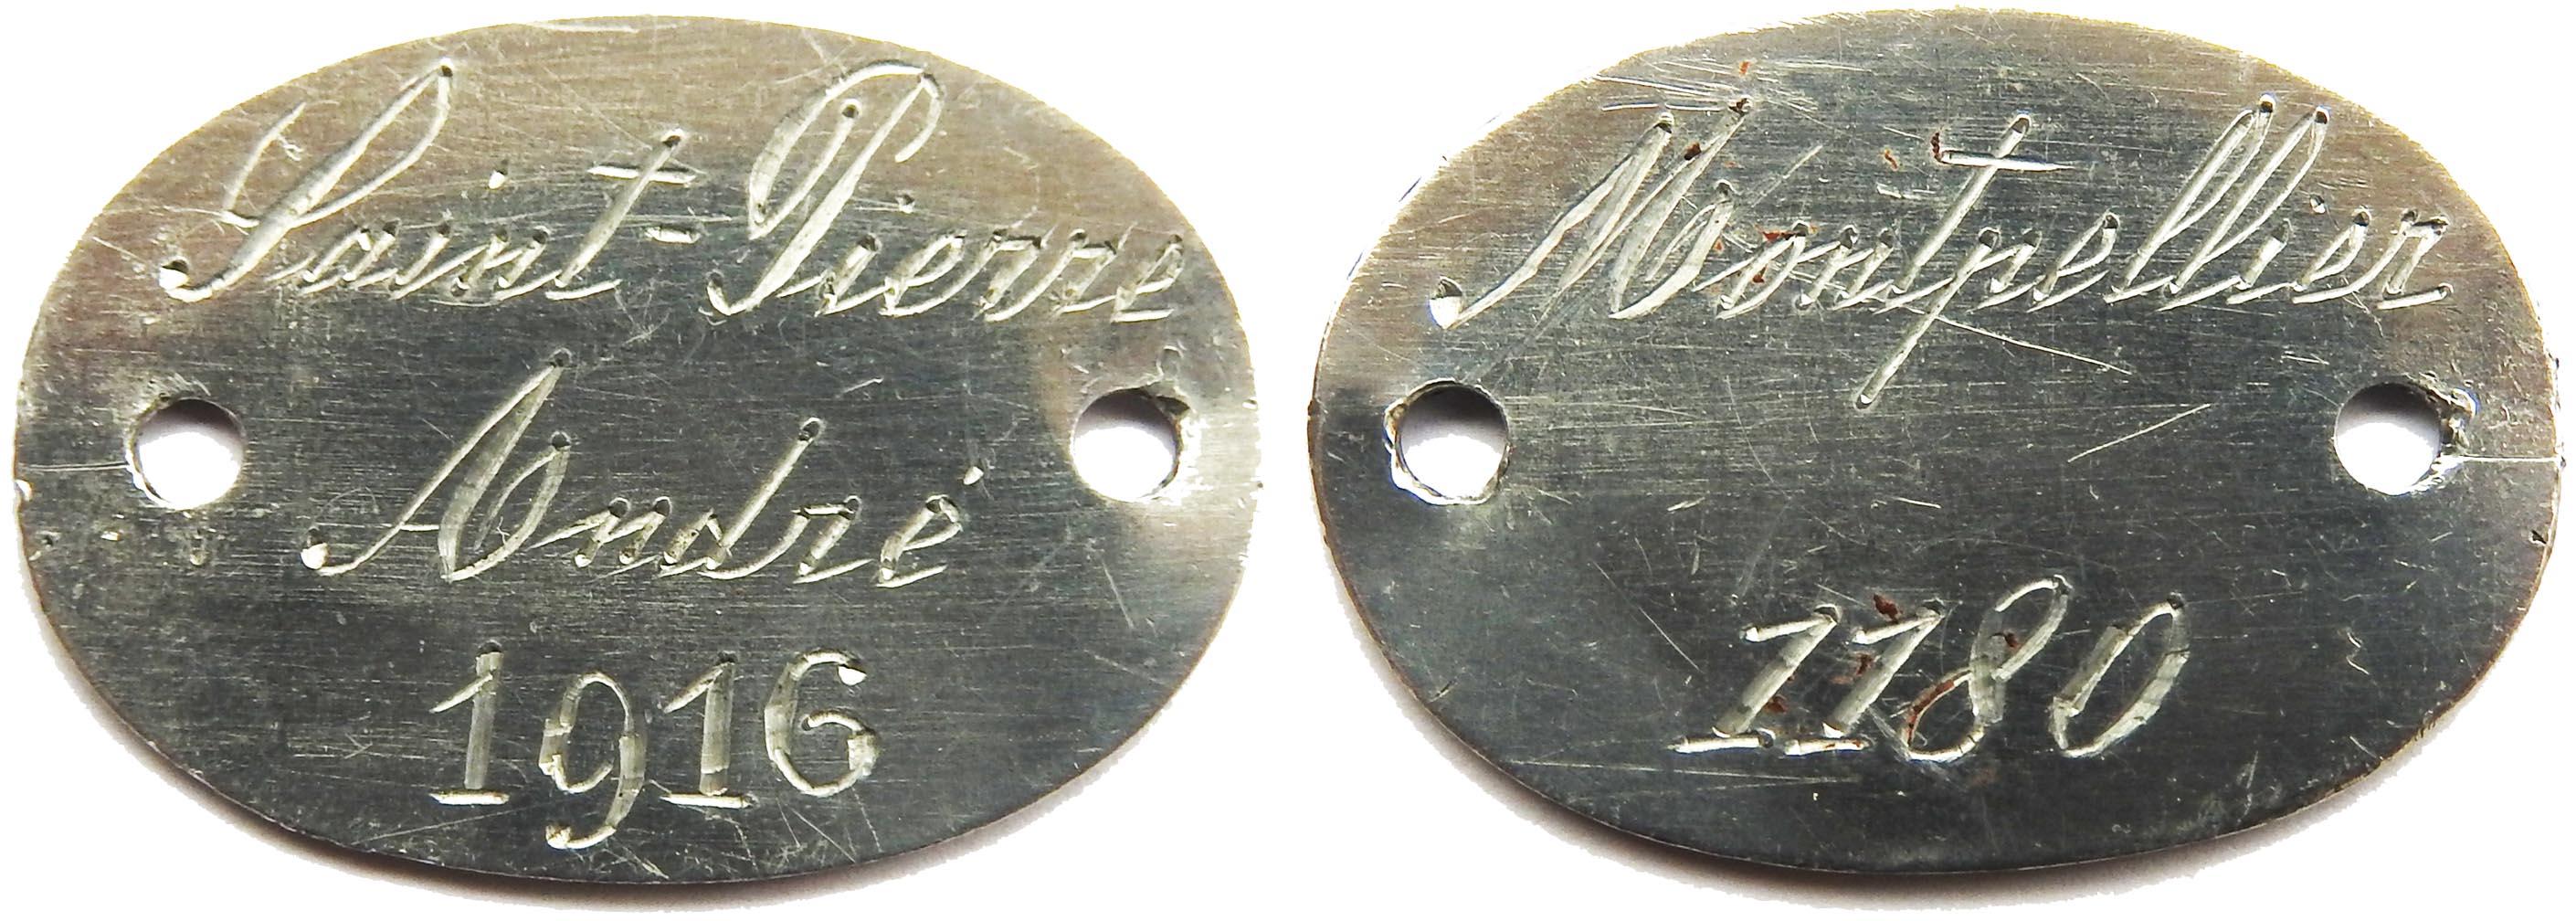 andresaintpierre1916